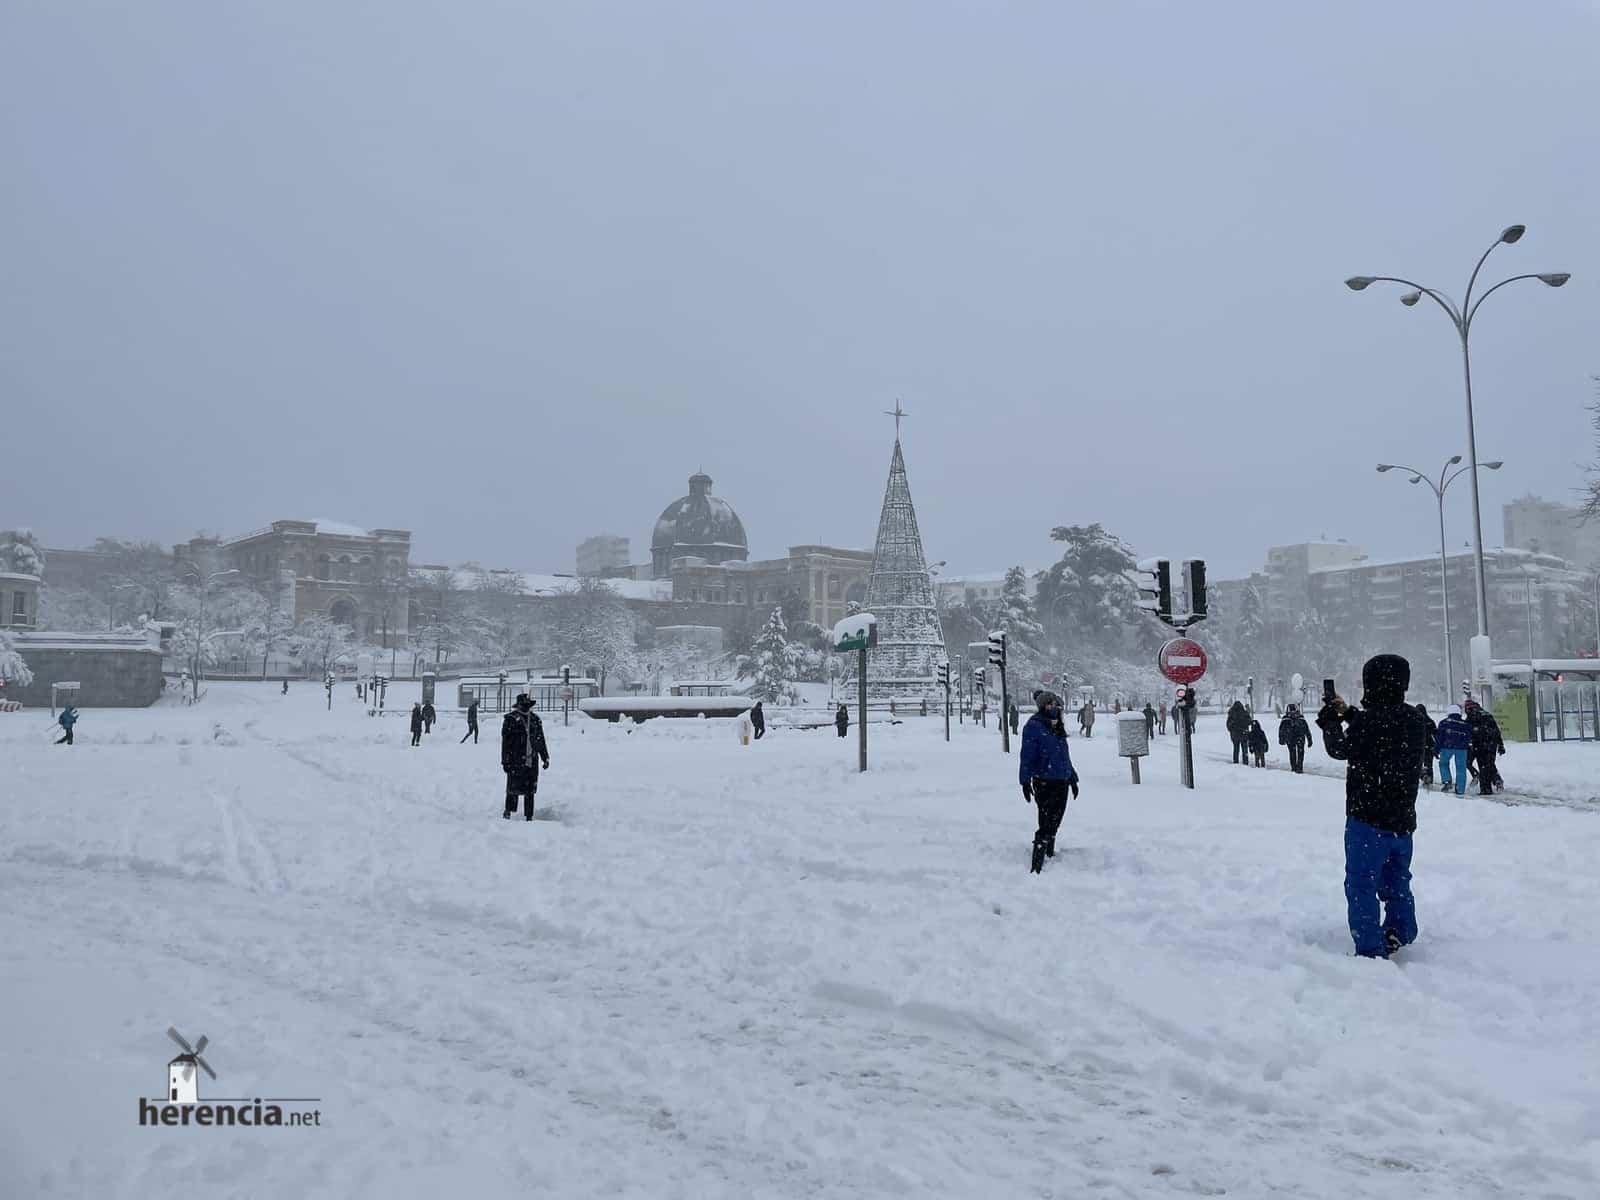 Más fotografías de las nieves de 2021 en Herencia 176